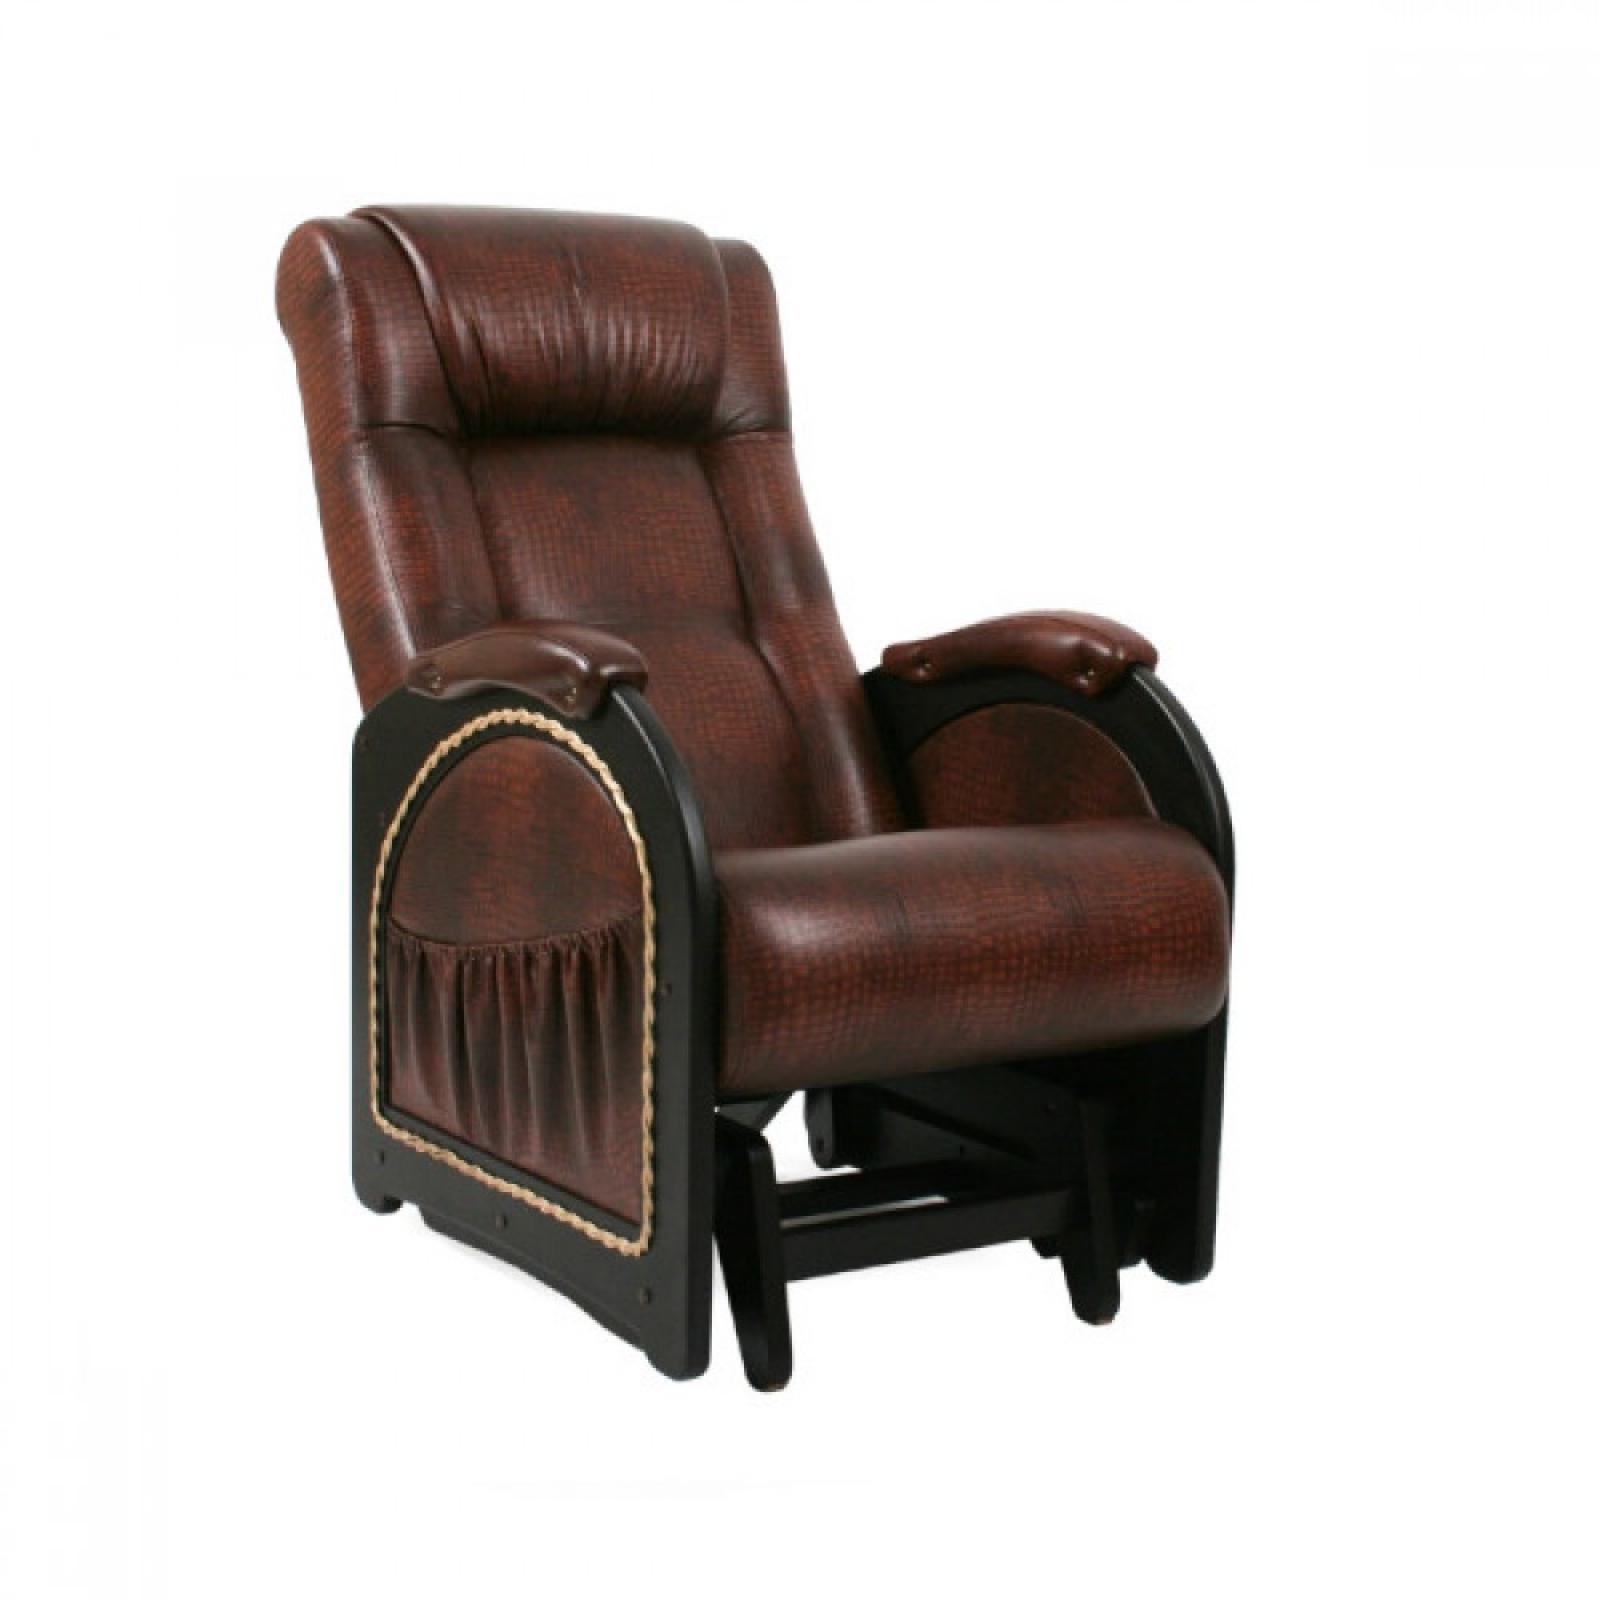 Кресло качалка Глайдер, Модель 48 (с карманами с декоративной косичкой) Венге/Антик крокодил - 1